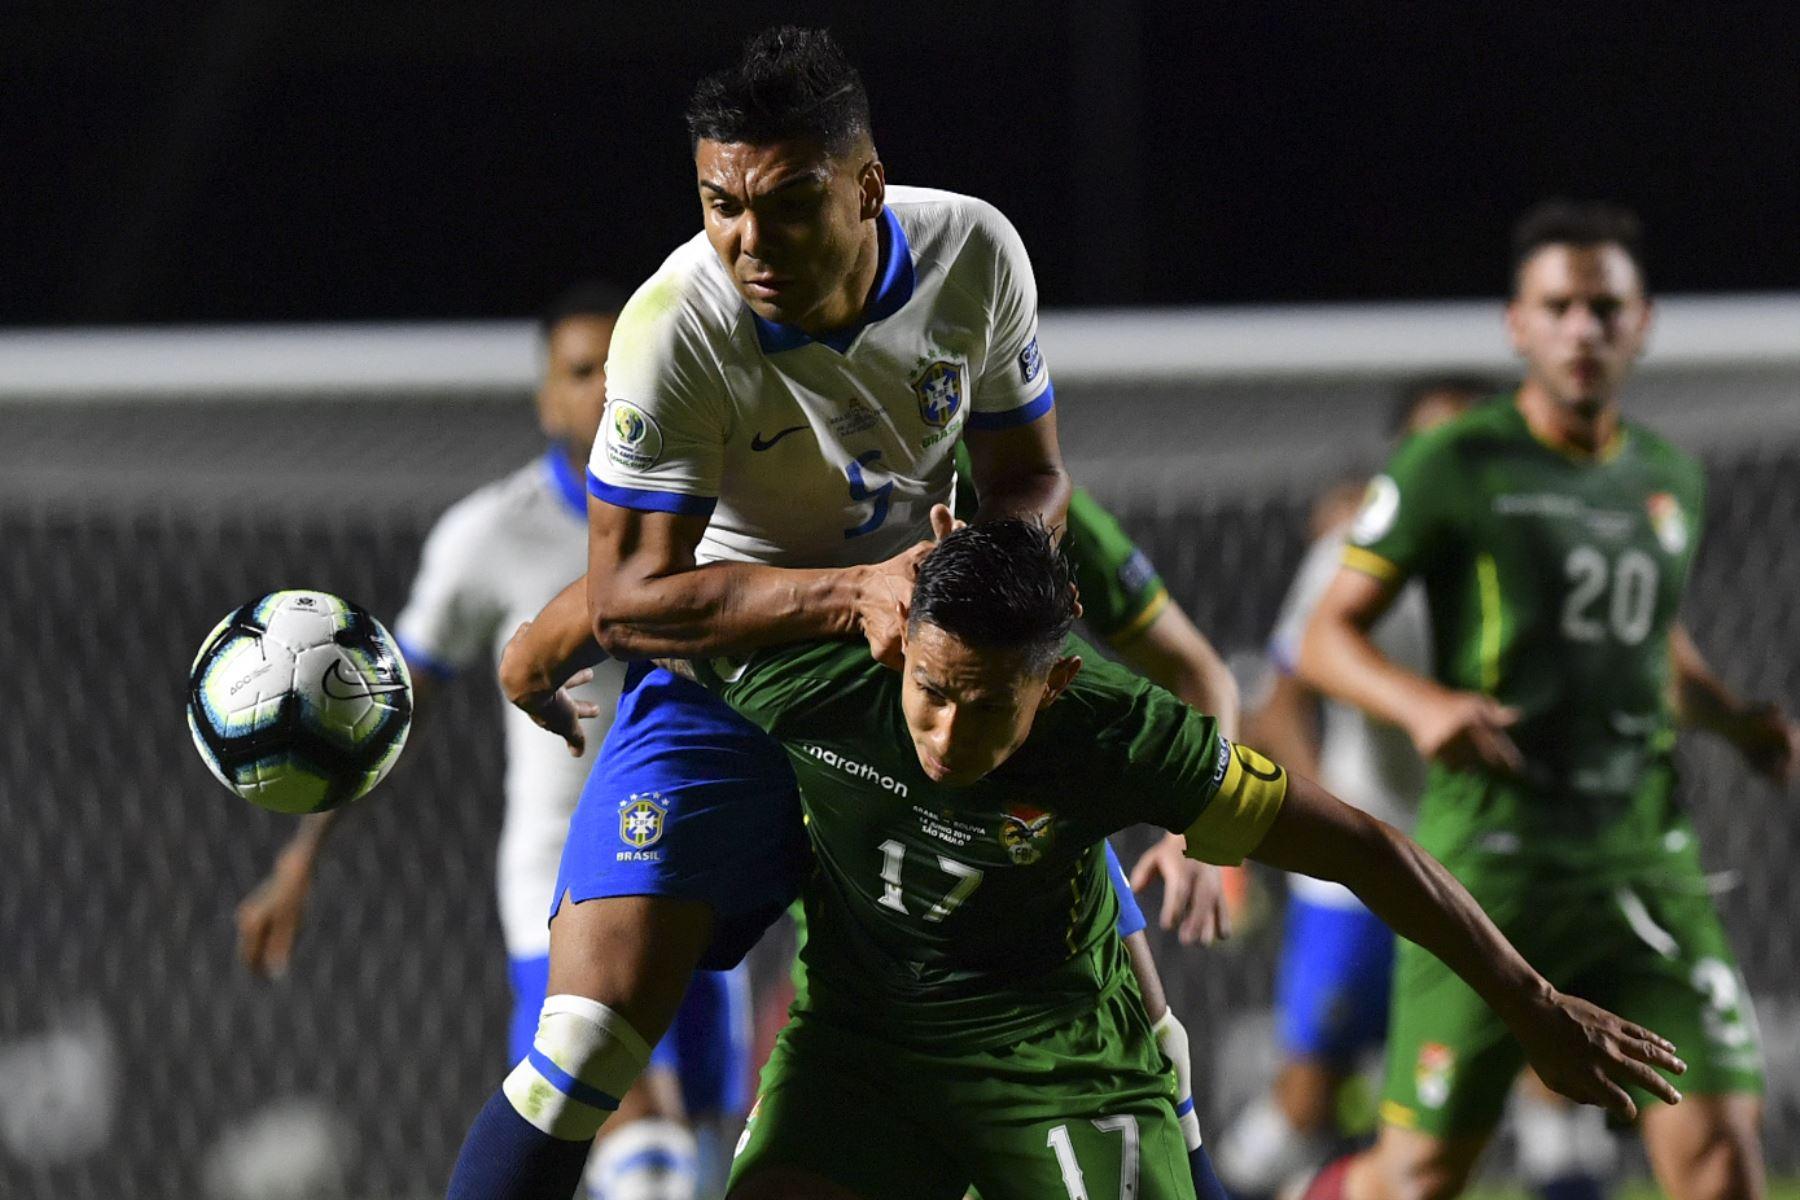 El brasileño Casemiro (arriba) y el boliviano Marvin Bejarano compiten por el balón durante su partido de torneo de fútbol de la Copa América en el estadio, en el Morumbi, Sao Paulo, Brasil.Foto.AFP